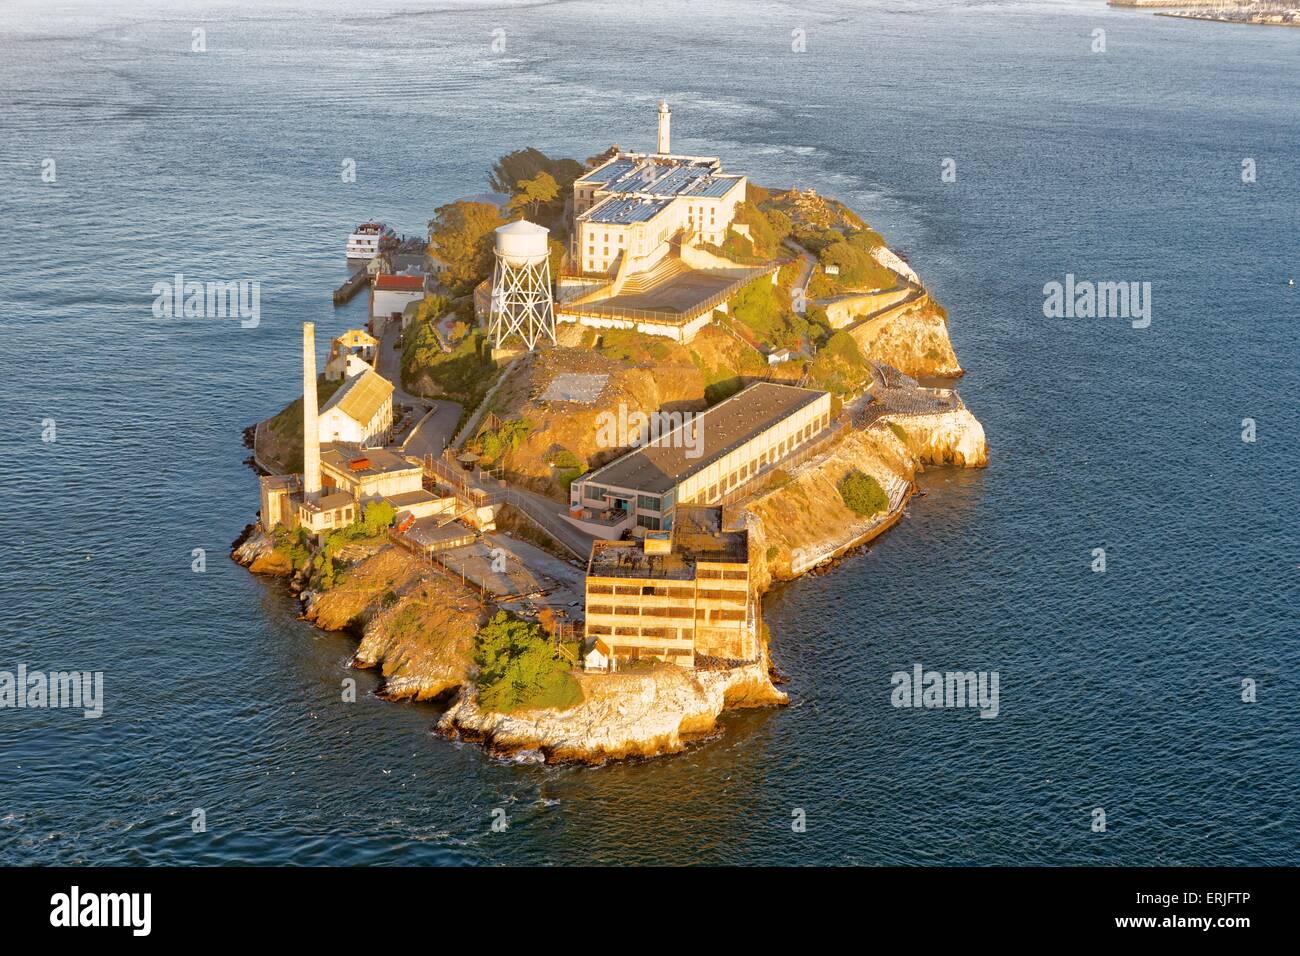 Vista aérea de San Francisco al atardecer vista aérea a San Francisco y la Isla de Alcatraz al atardecer Imagen De Stock